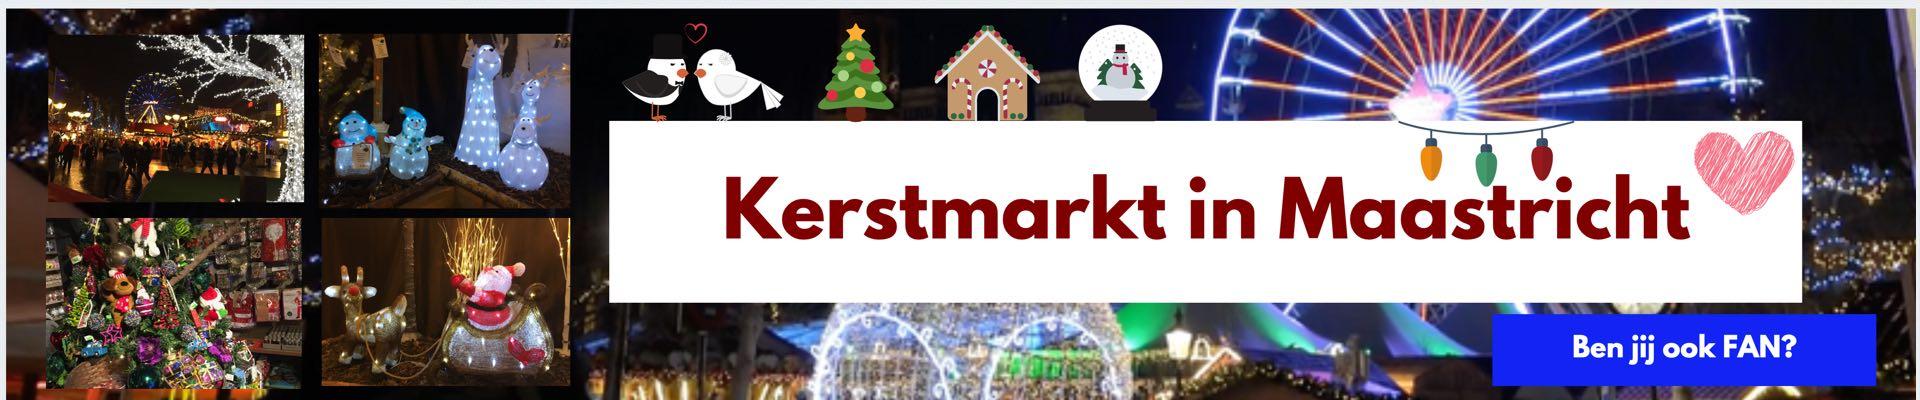 Kerstmarkt Maastricht 2019 - 2020